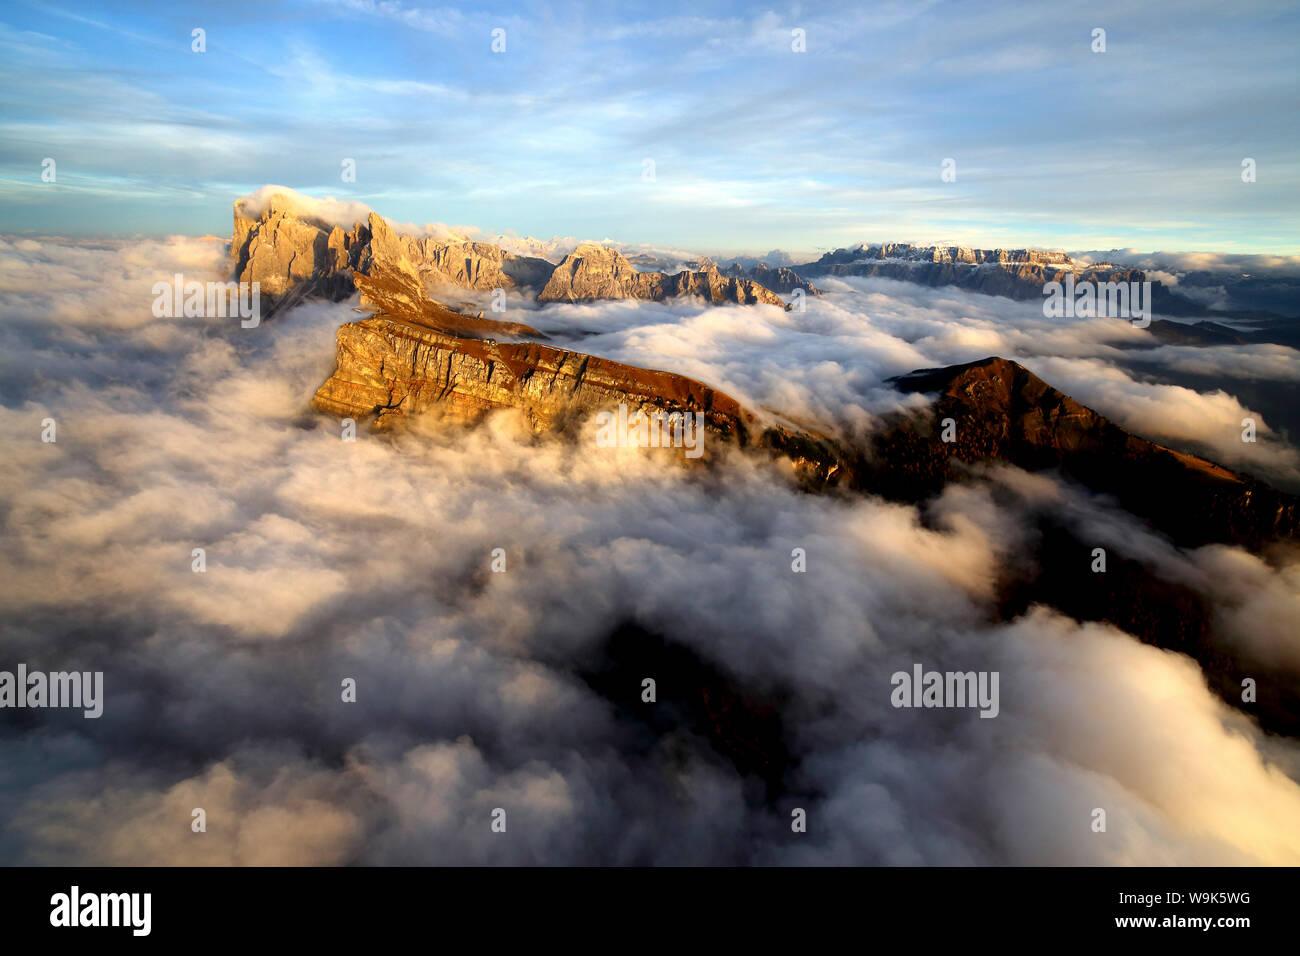 Vue aérienne de Seceda de Odle entouré par des nuages au coucher du soleil dans les Dolomites, Val Funes, Trentino-Alto Adige Tyrol du Sud, Italie, Europe Banque D'Images